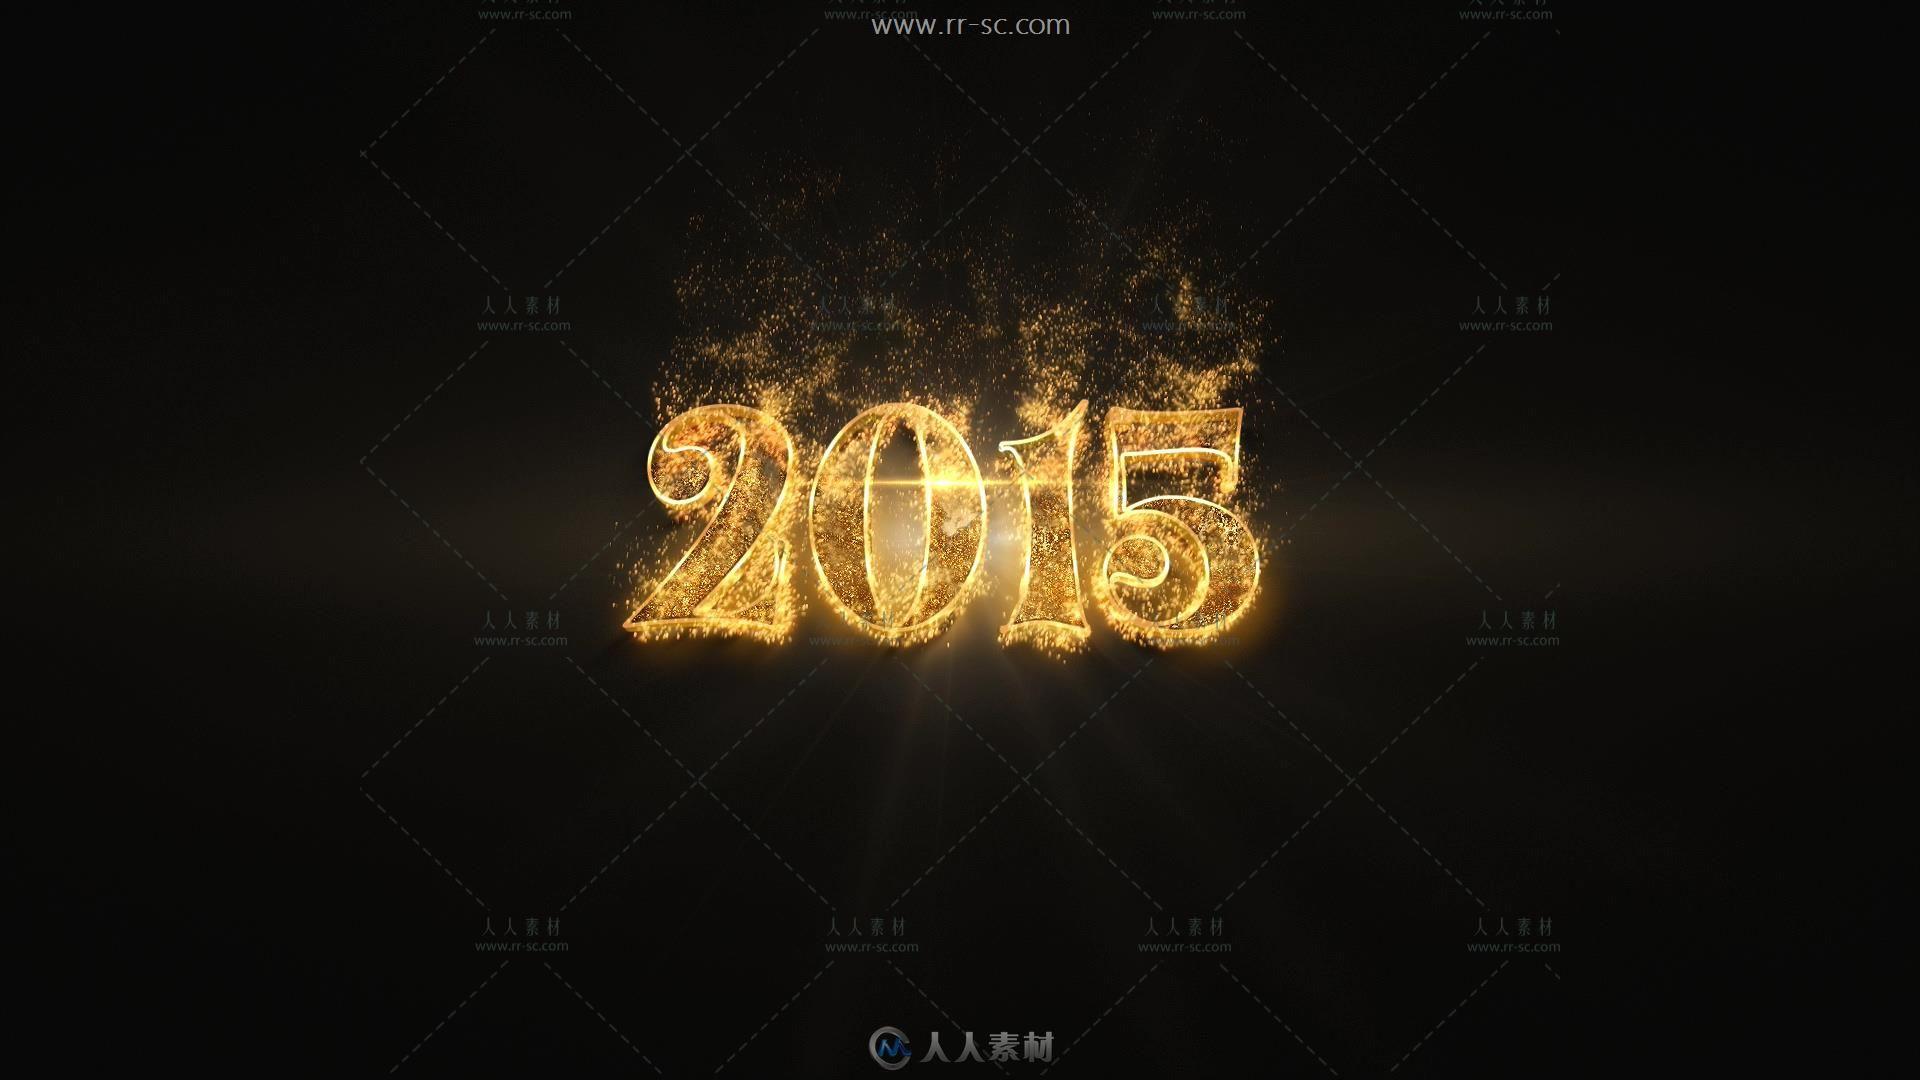 金属粒子燃烧成立体2015年份标记视频素材